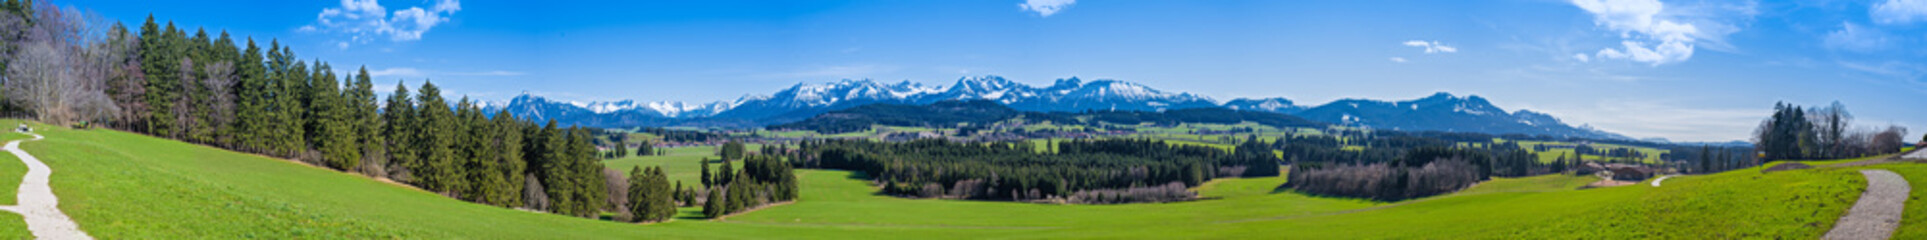 Wanderweg durch das Allgäu mit Blick auf die Alpen - hochauflösendes Panorama Wall mural